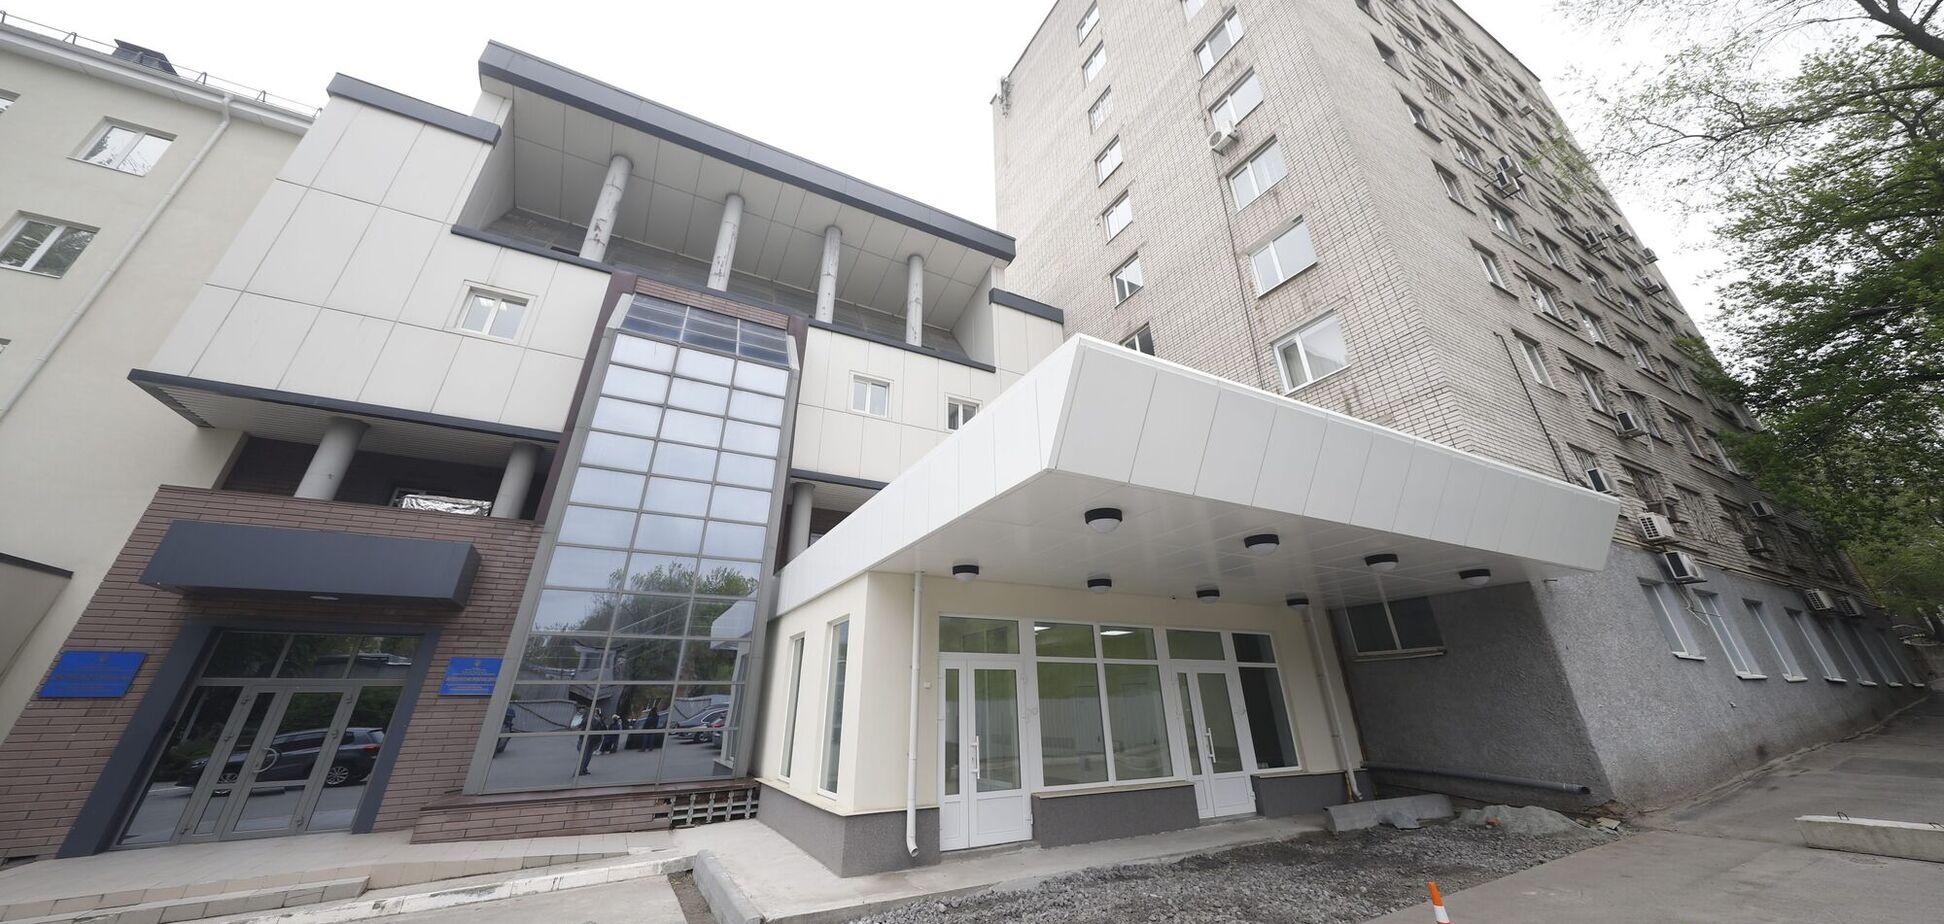 В больнице скорой медицинской помощи в Днепре заканчивается реконструкция приемного отделения